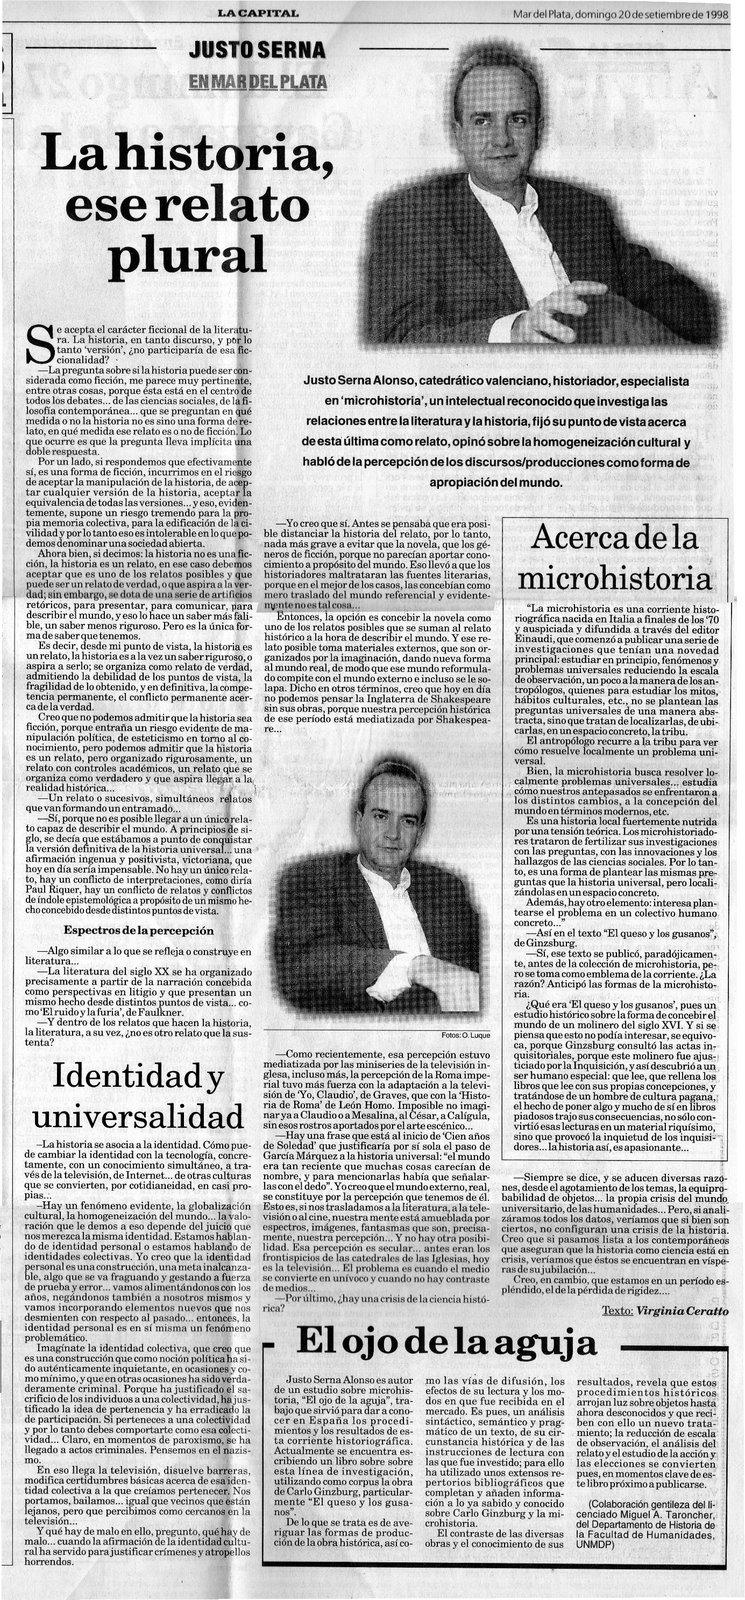 20 de septiembre de 1998: